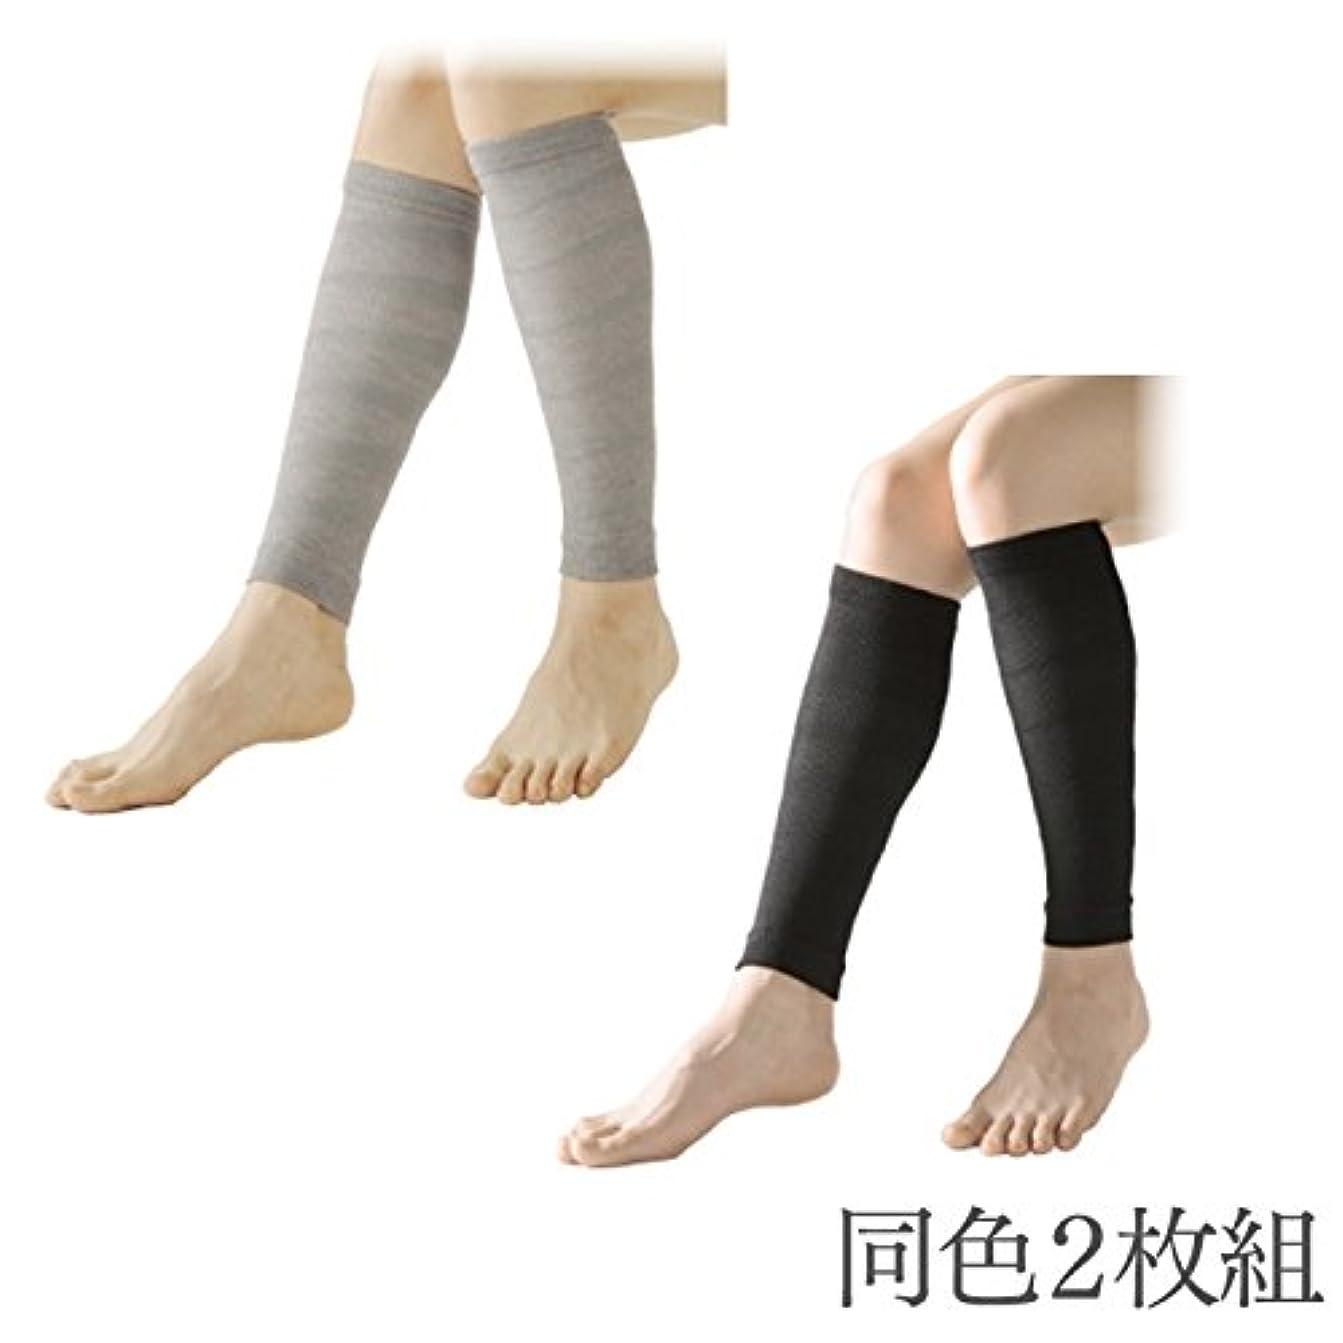 利用可能朝の体操をする飢饉着圧ソックス 足のむくみ 靴下 むくみ解消 着圧ふくらはぎサポーター 2枚組